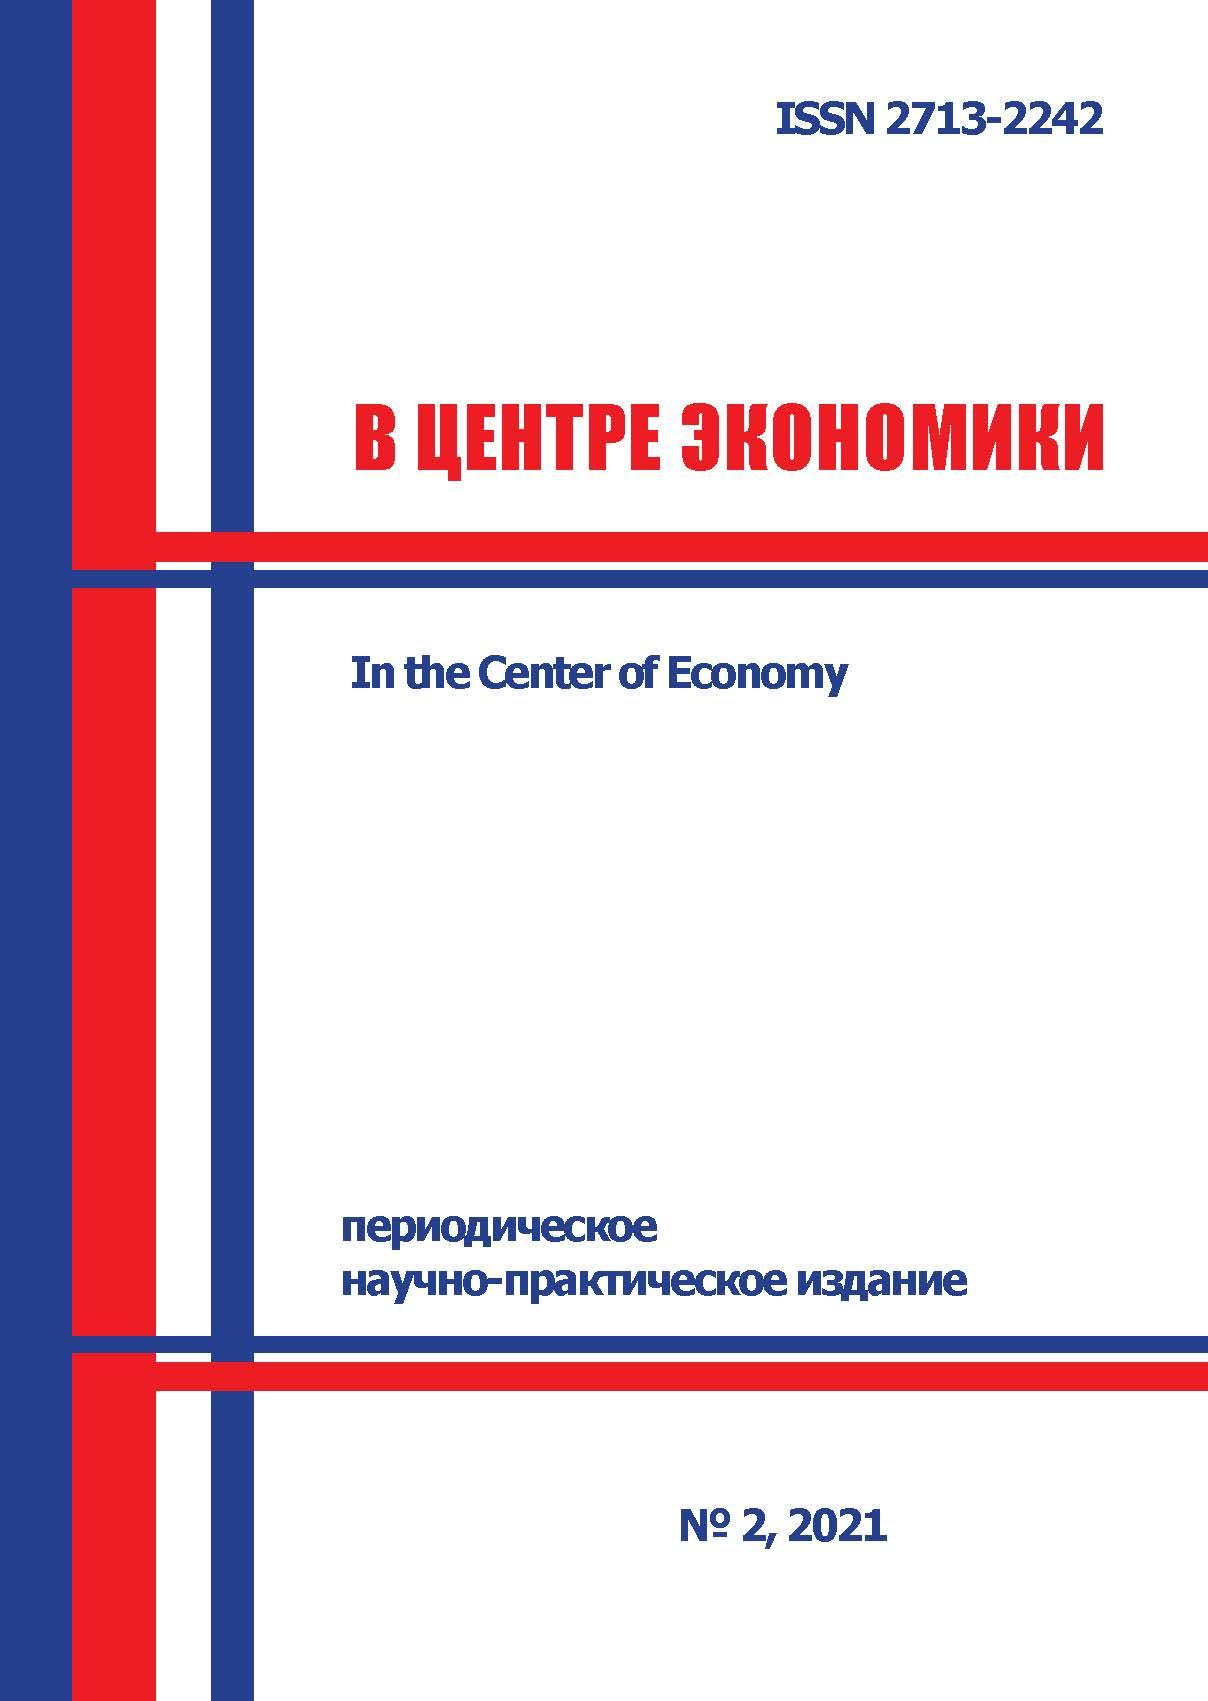 """Обложка журнала """"В центре экономики"""" №2, 2021"""